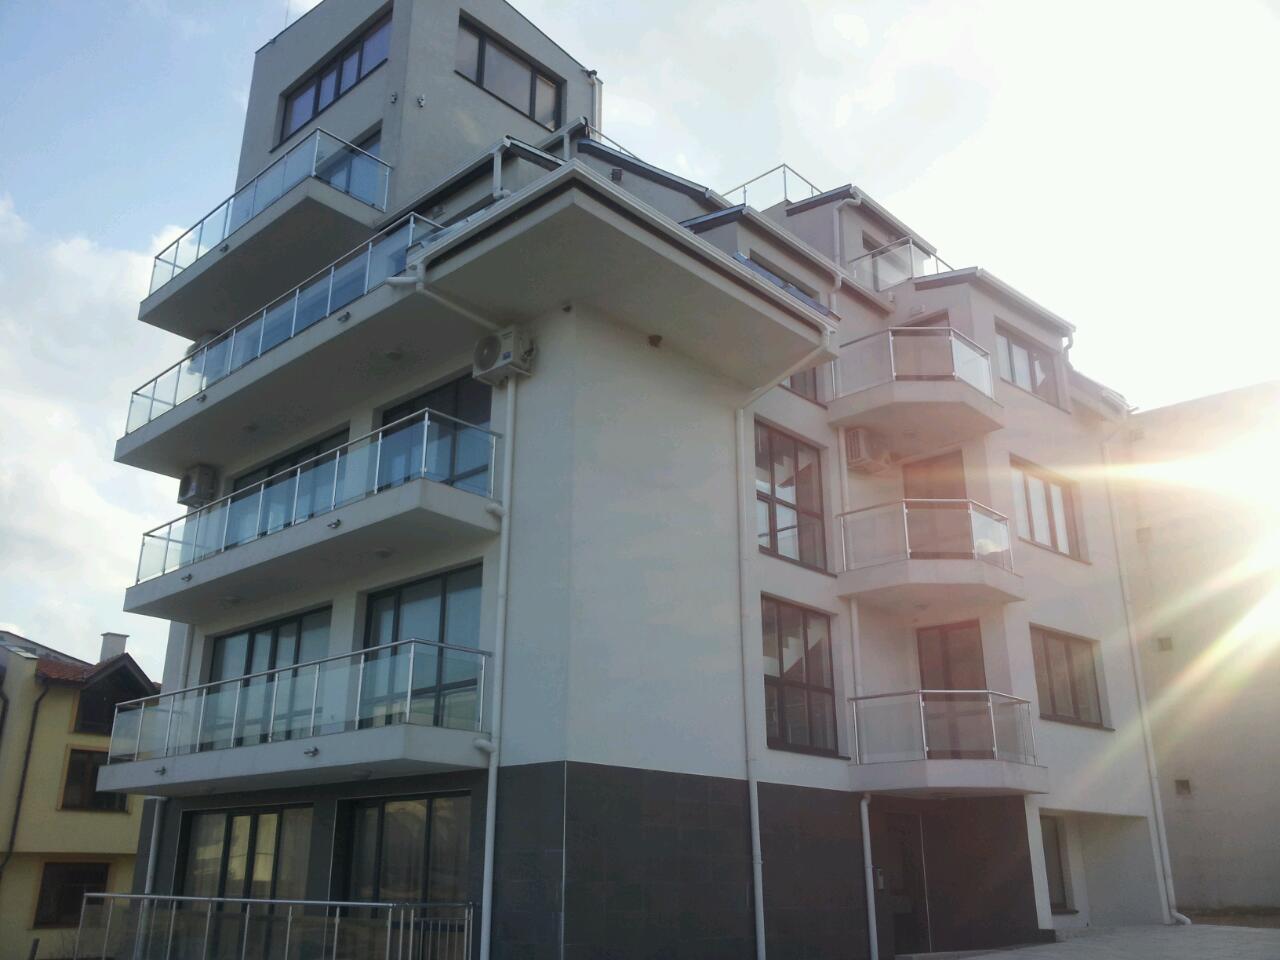 Жилая недвижимость Днепра — Продажа и аренда квартир